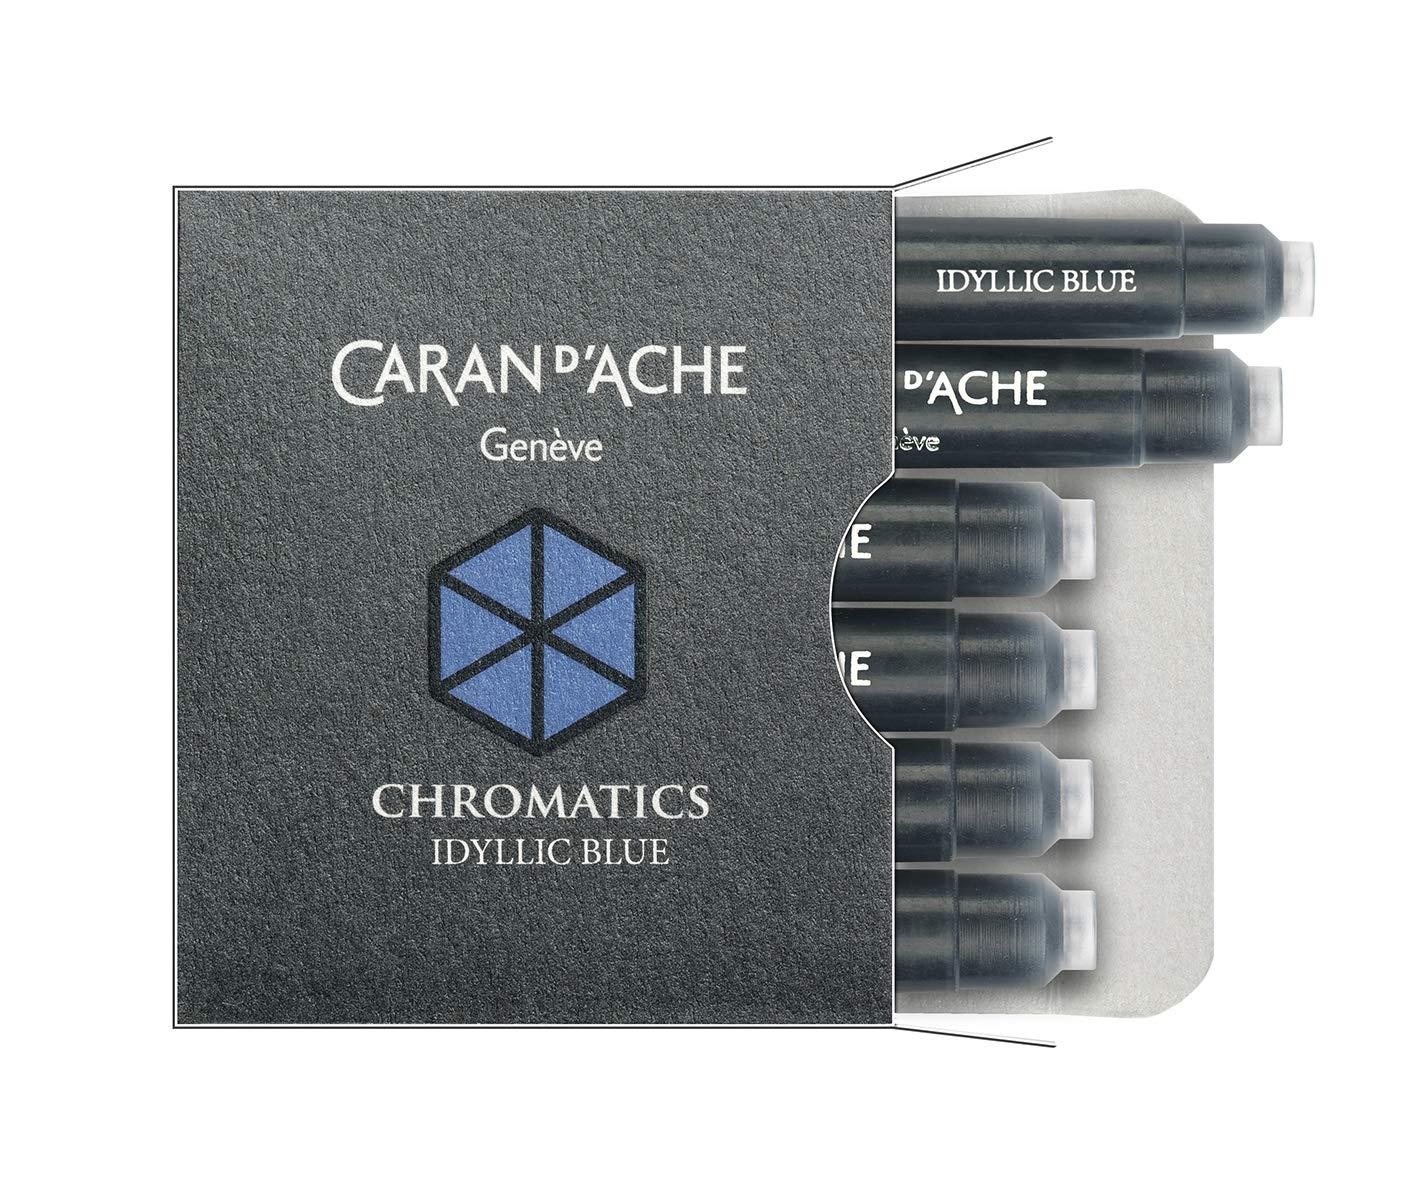 CARAN DACHE Cartucho de tinta cromática azul idílico paque